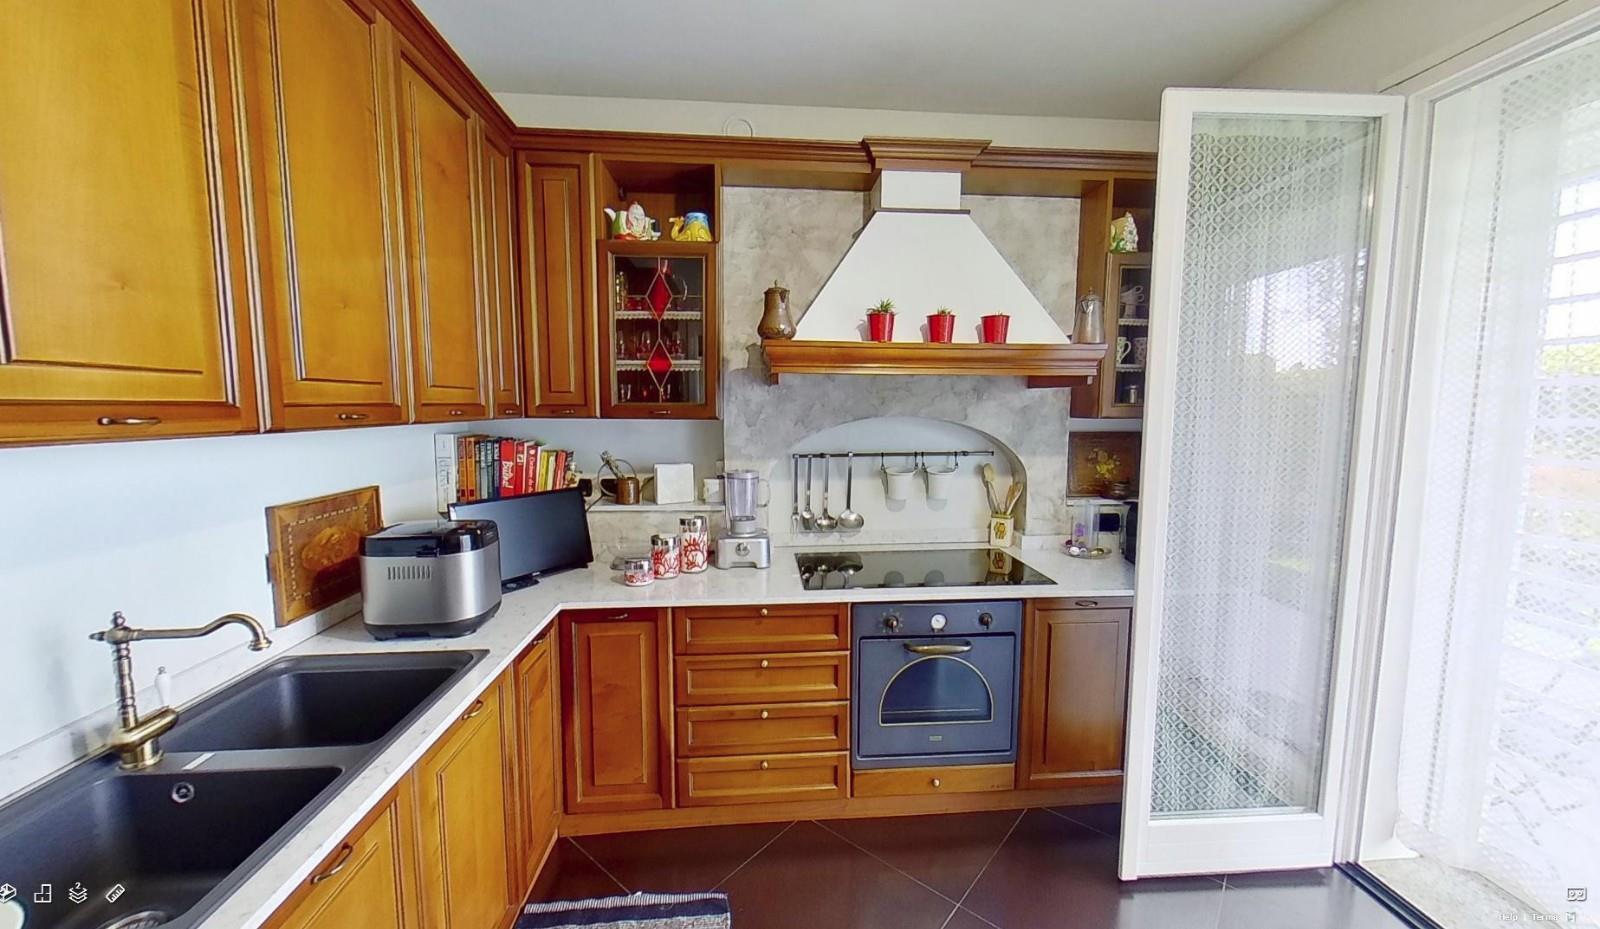 Foto 5 - Appartamento in Vendita - Monza, Zona Buonarroti